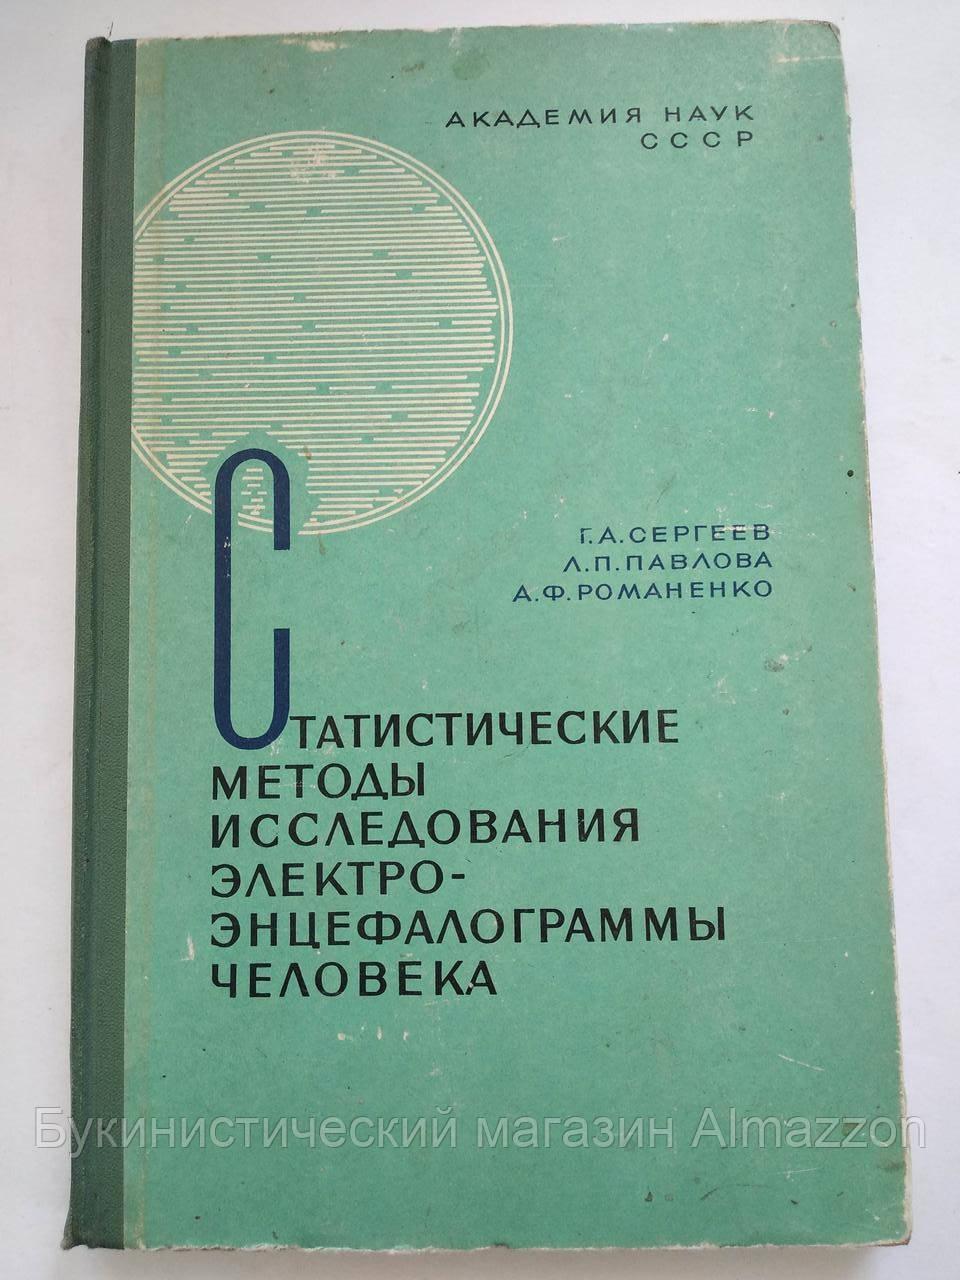 Статистические методы исследования электроэнцефалограммы человека Г.Сергеев, Л.Павлова 1968 год